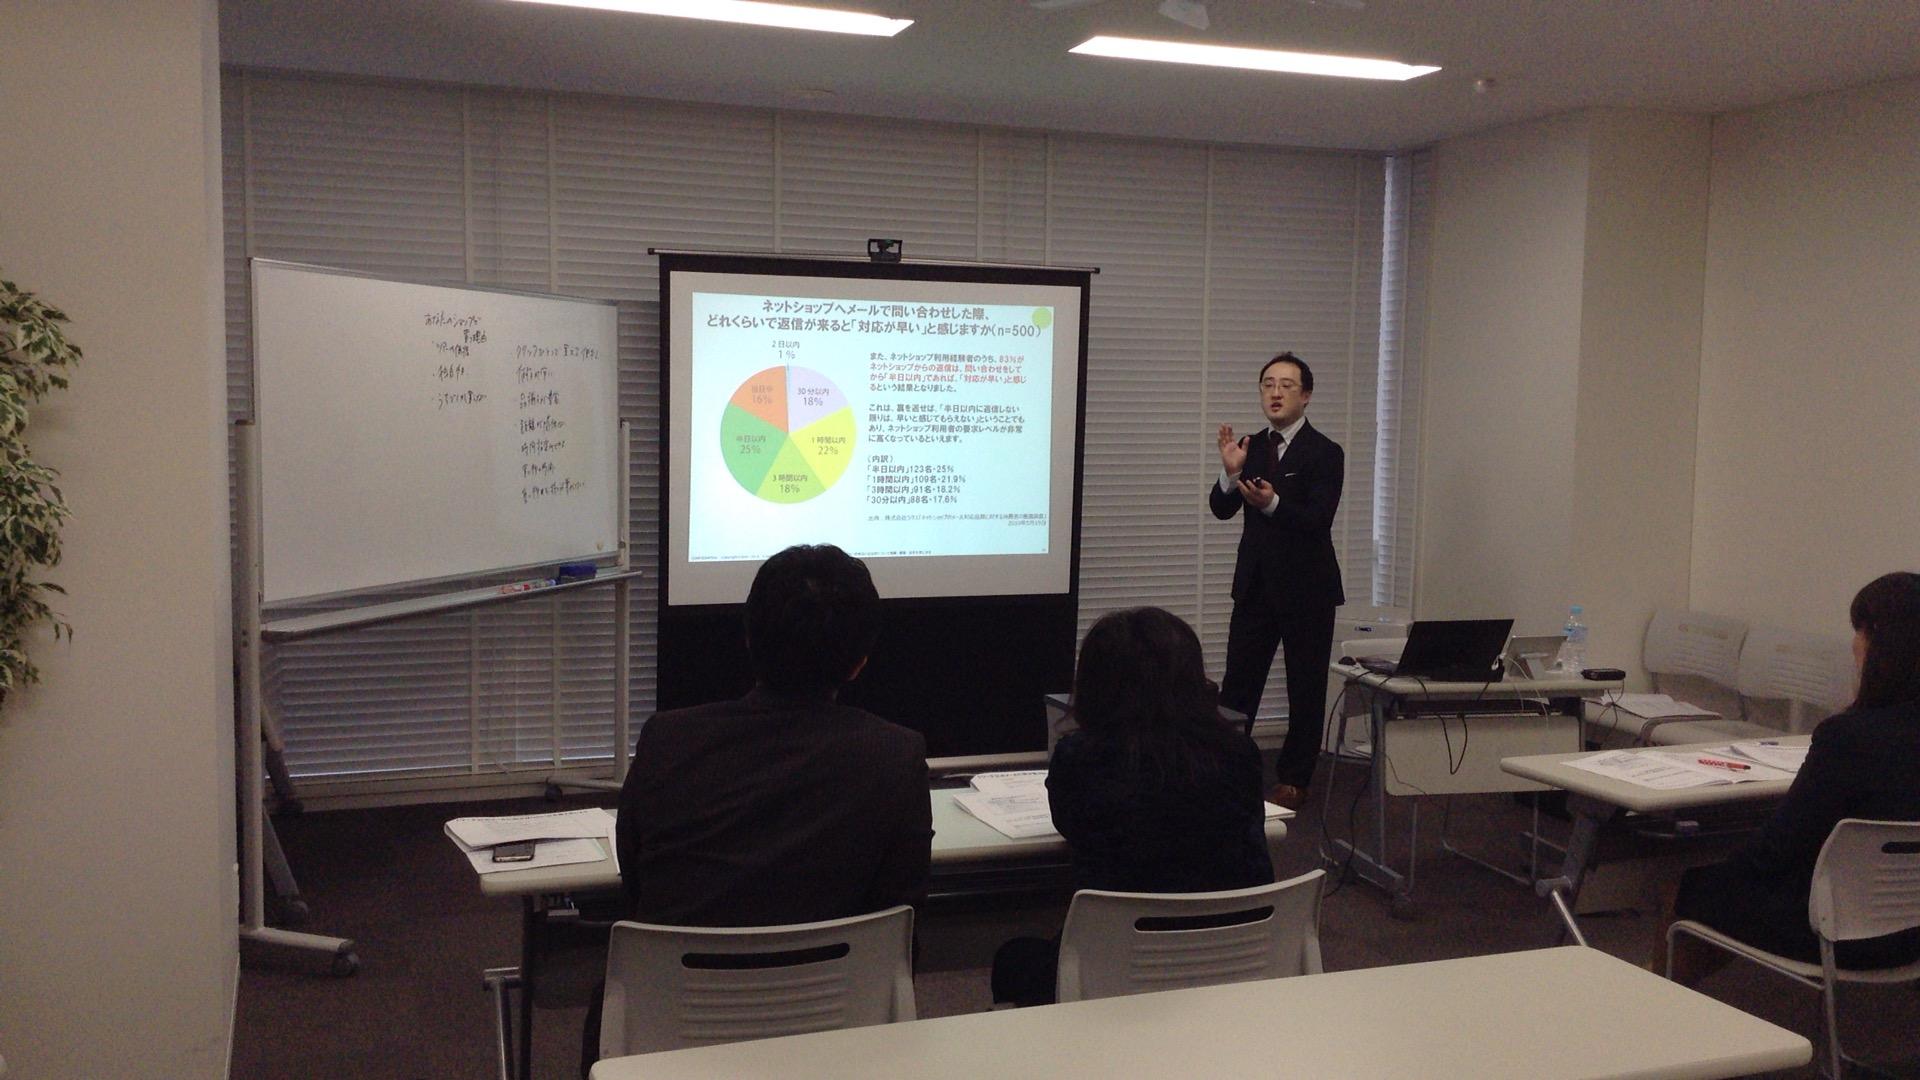 ネットショップ担当者のためのビジネスメール講座